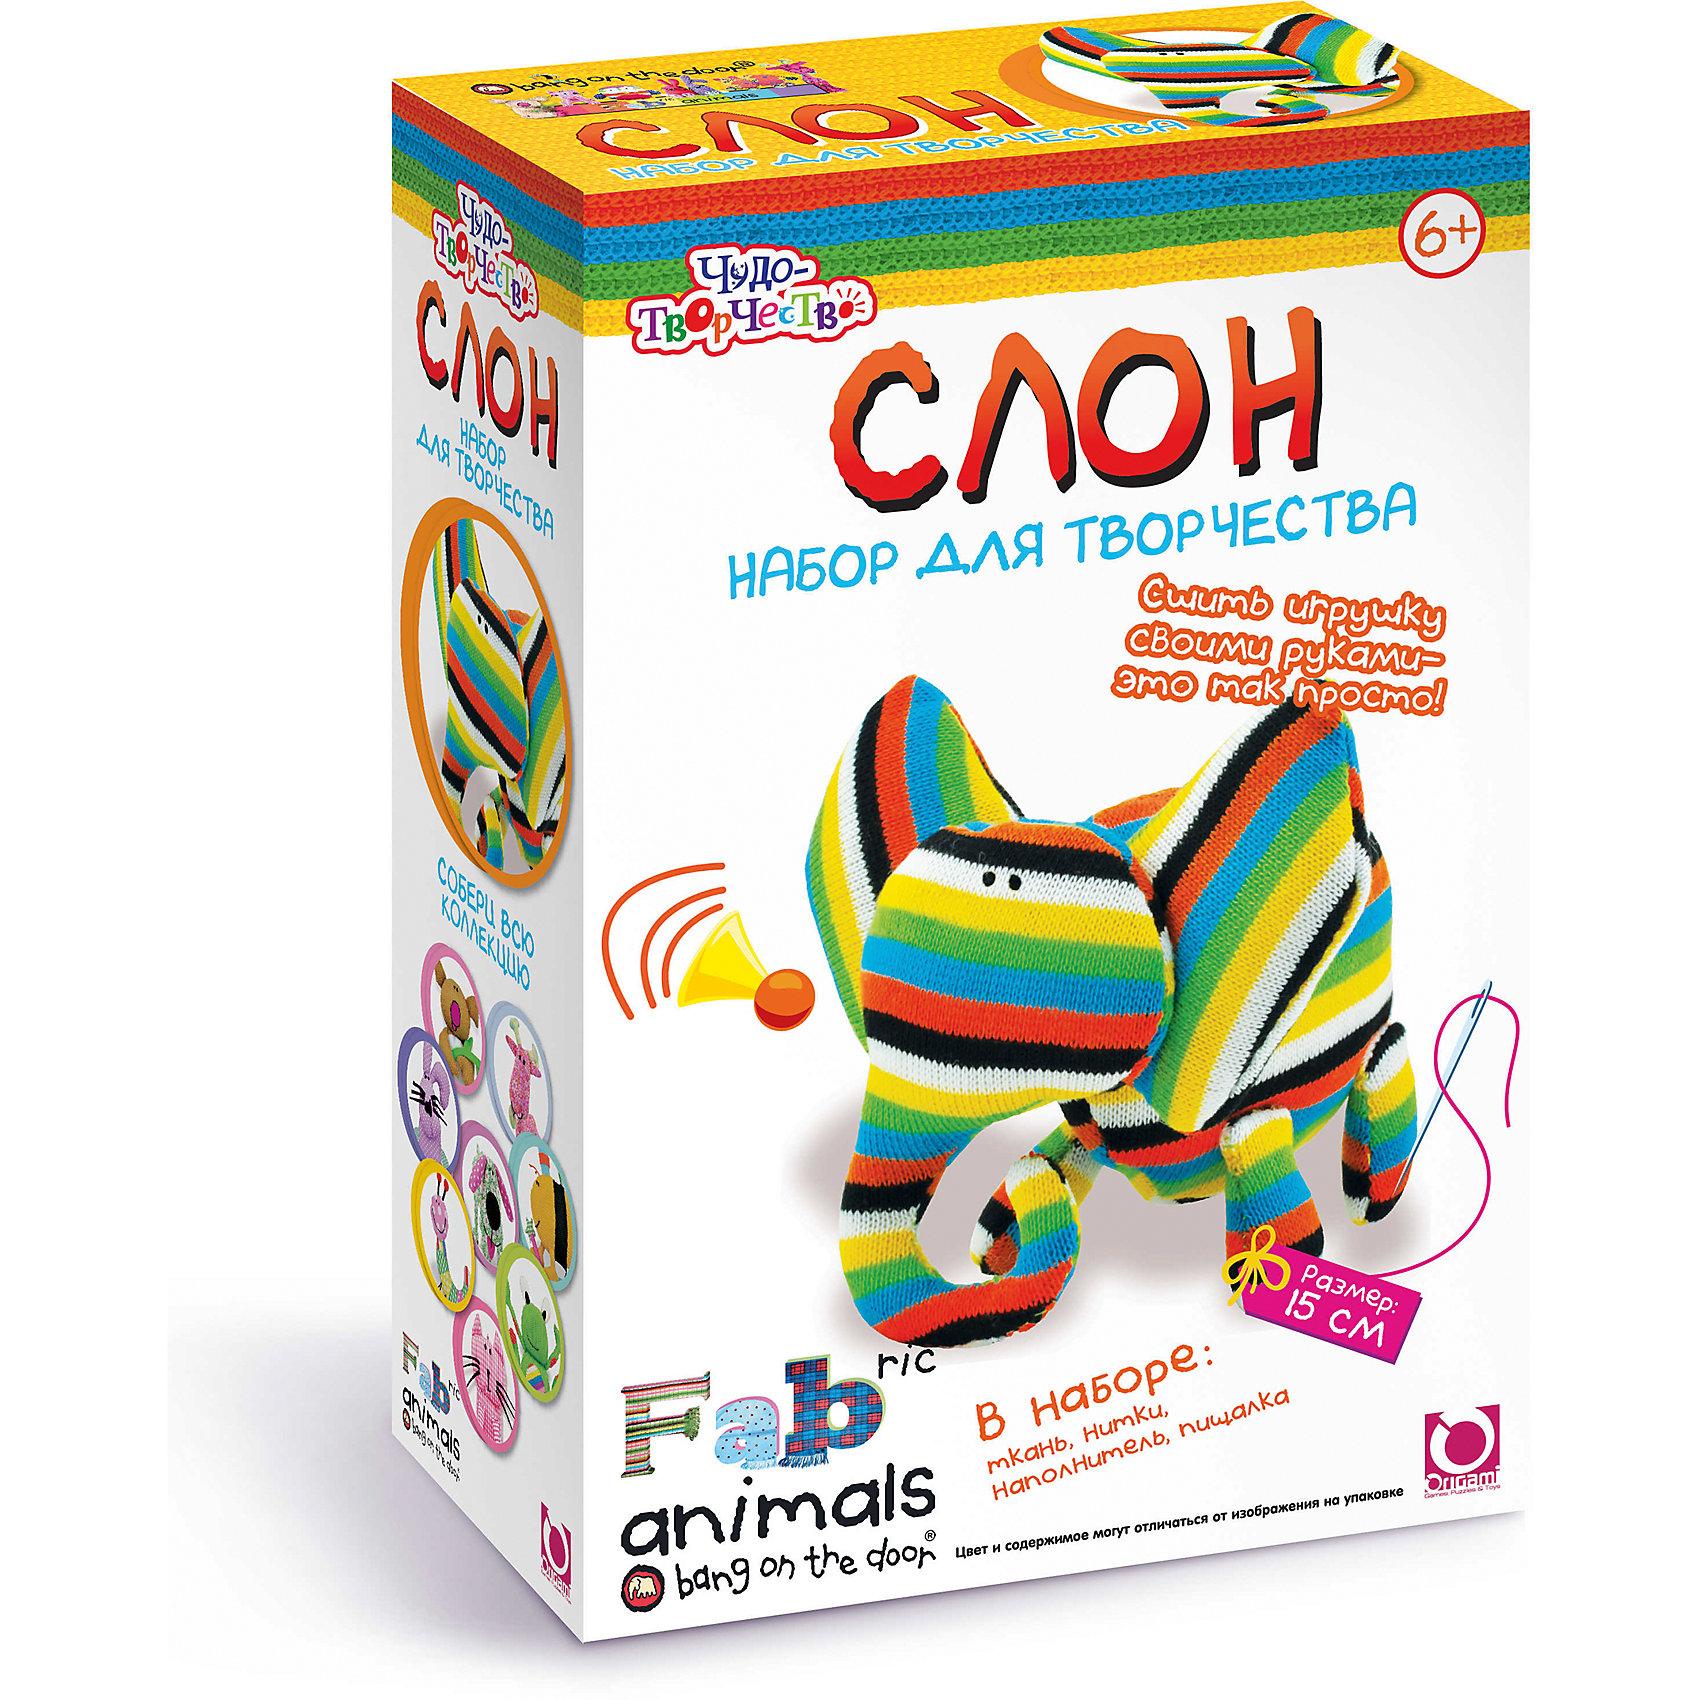 Сшей игрушку Слоник, ОригамиСшей игрушку Слоник, Оригами – этот набор для творчества обязательно понравится вашему ребенку.<br>Коллекции популярного в Европе бренда Fabric Animals отличает разнообразие моделей, яркое исполнение и интересный, подвижный дизайн, создающий позитивную атмосферу. Игрушка, сделанная своими руками -  не просто поделка. Создавая ее, мы вкладываем частичку своего сердца и души. Не случайно в последнее время вещи, сделанные своими руками, превратились в модную тенденцию. Каждый стремиться выразить себя, создать что-то уникальное, необычное, единственное в своем роде. Никогда не получится 2-х одинаковых игрушек, даже если используются одни материалы. Такая поделка может стать прекрасным подарком, - ведь даритель заранее готовился, вложил в него всю любовь и теплоту рук!<br><br>Дополнительная информация:<br><br>- В наборе: ткань, нитки, пищалка, наполнитель<br>- Размер игрушки: 15 см.<br>- Размер упаковки: 46х33,5х36 см.<br>- Вес упаковки: 225 гр.<br><br>Набор Сшей игрушку Слоник, Оригами можно купить в нашем интернет-магазине.<br><br>Ширина мм: 460<br>Глубина мм: 335<br>Высота мм: 360<br>Вес г: 225<br>Возраст от месяцев: 72<br>Возраст до месяцев: 144<br>Пол: Унисекс<br>Возраст: Детский<br>SKU: 4075982